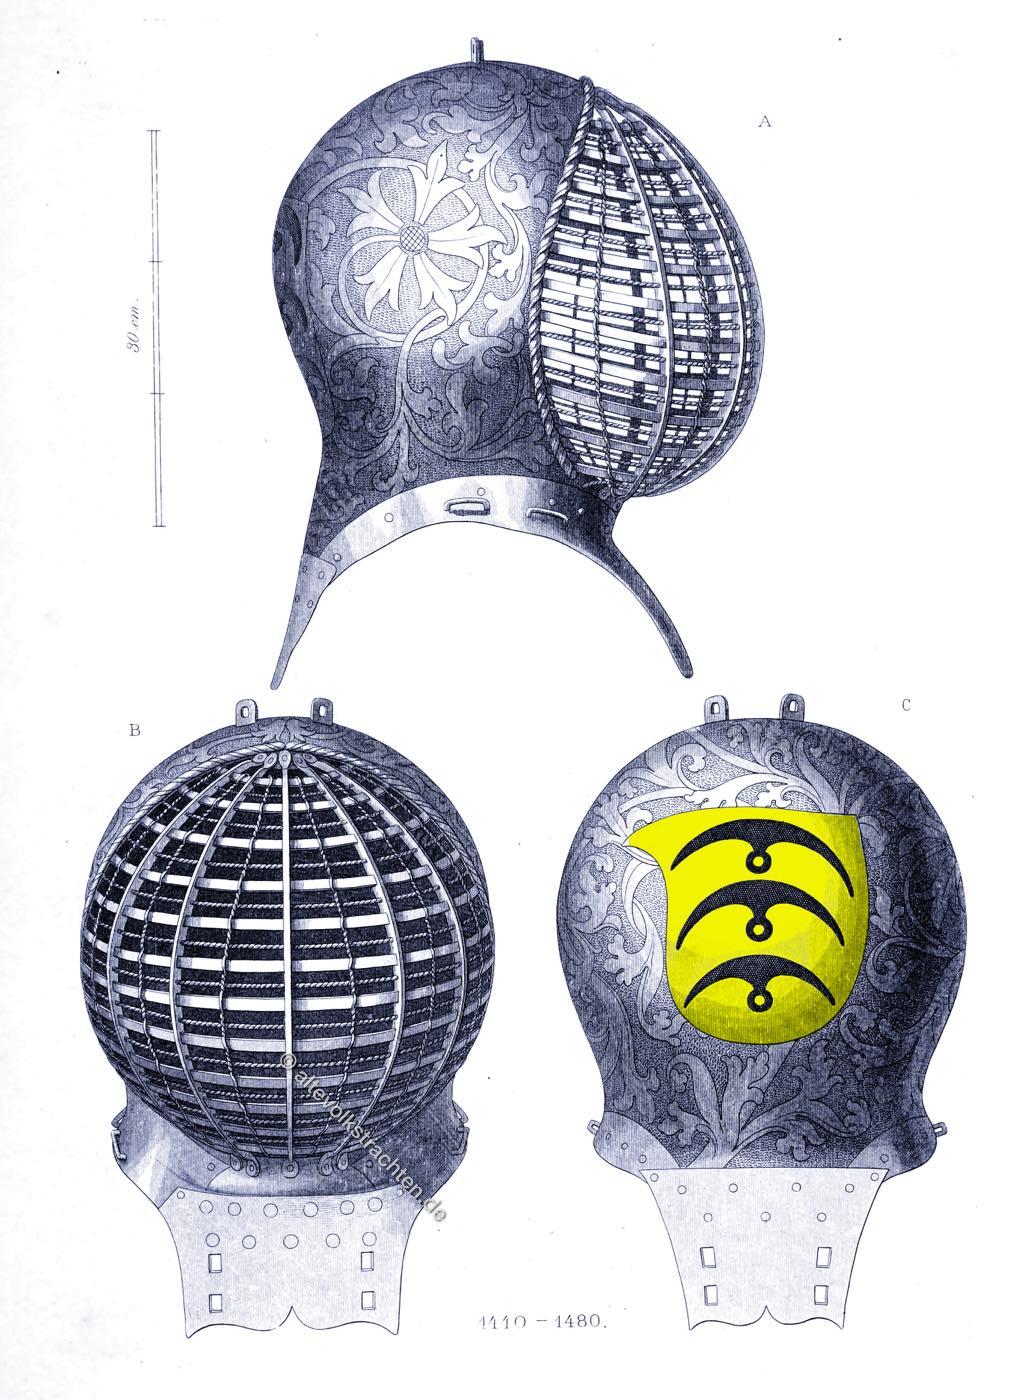 Turnierhelm, Mittelalter, Rüstung, Turnier, Ritter